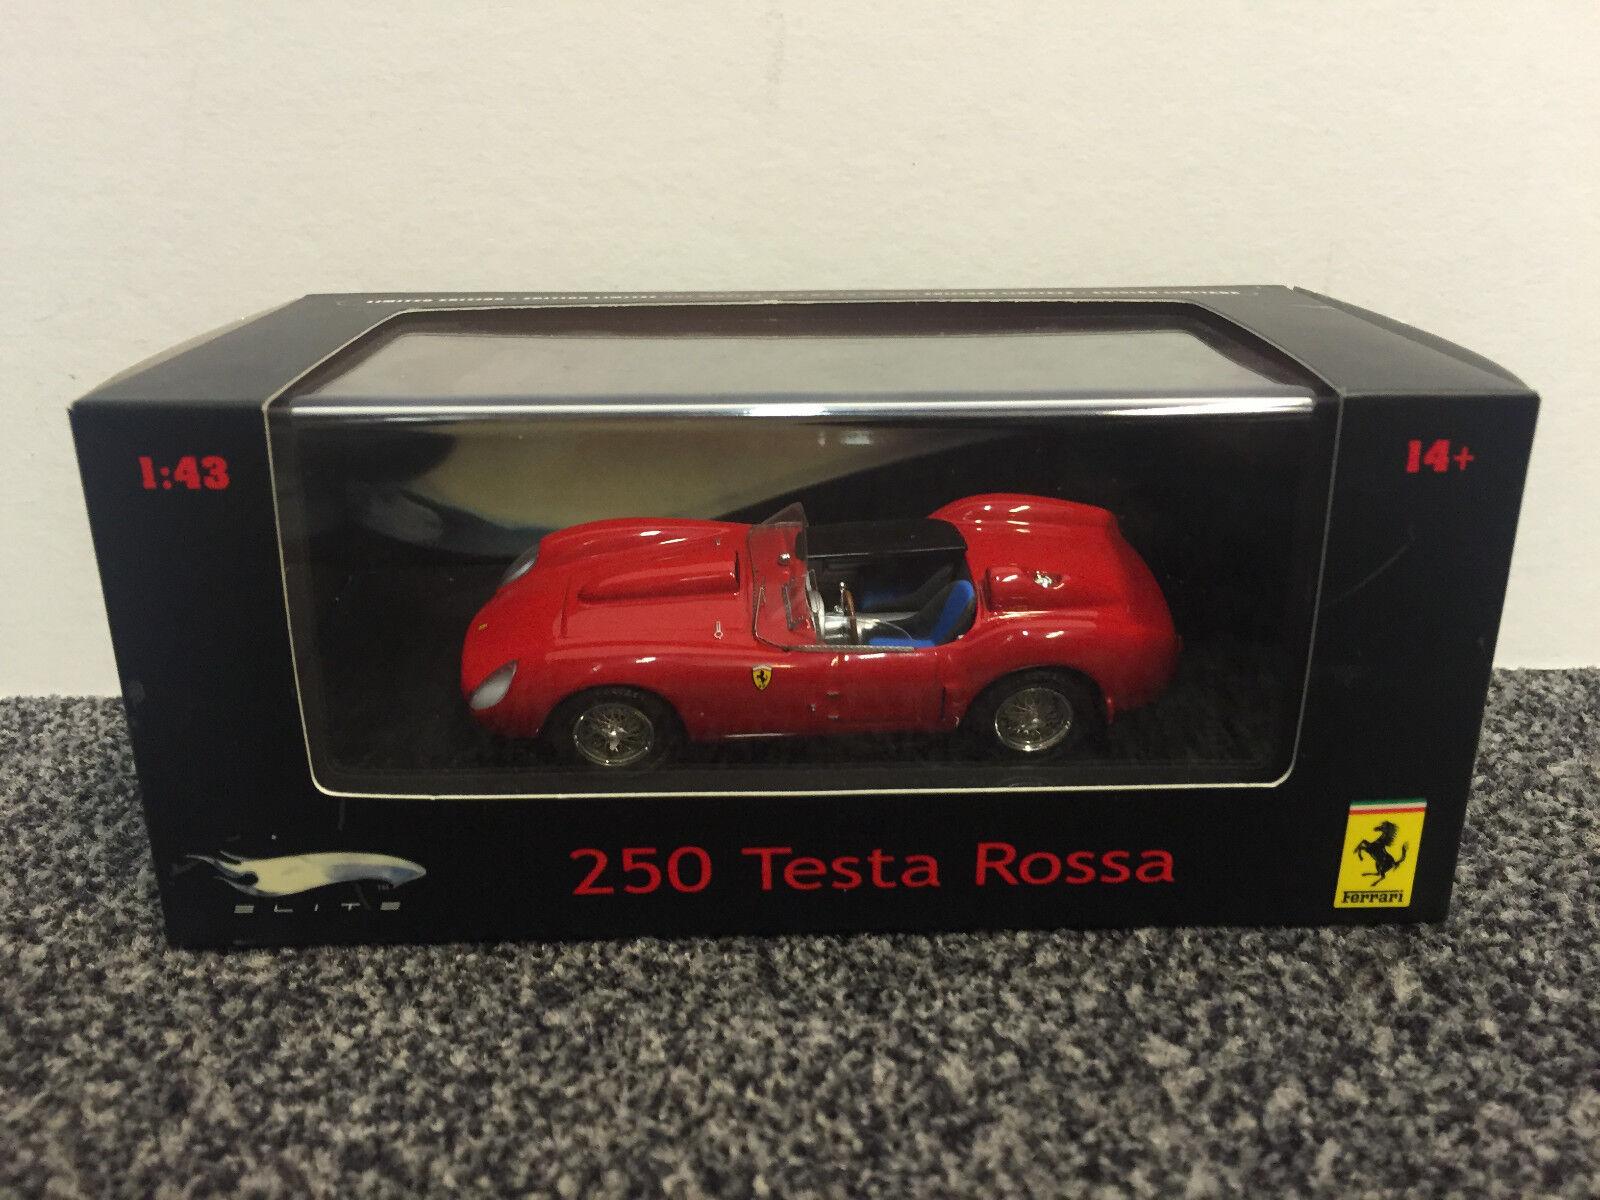 Ferrari 250 Testa Rossa 1 43 Hot Wheels